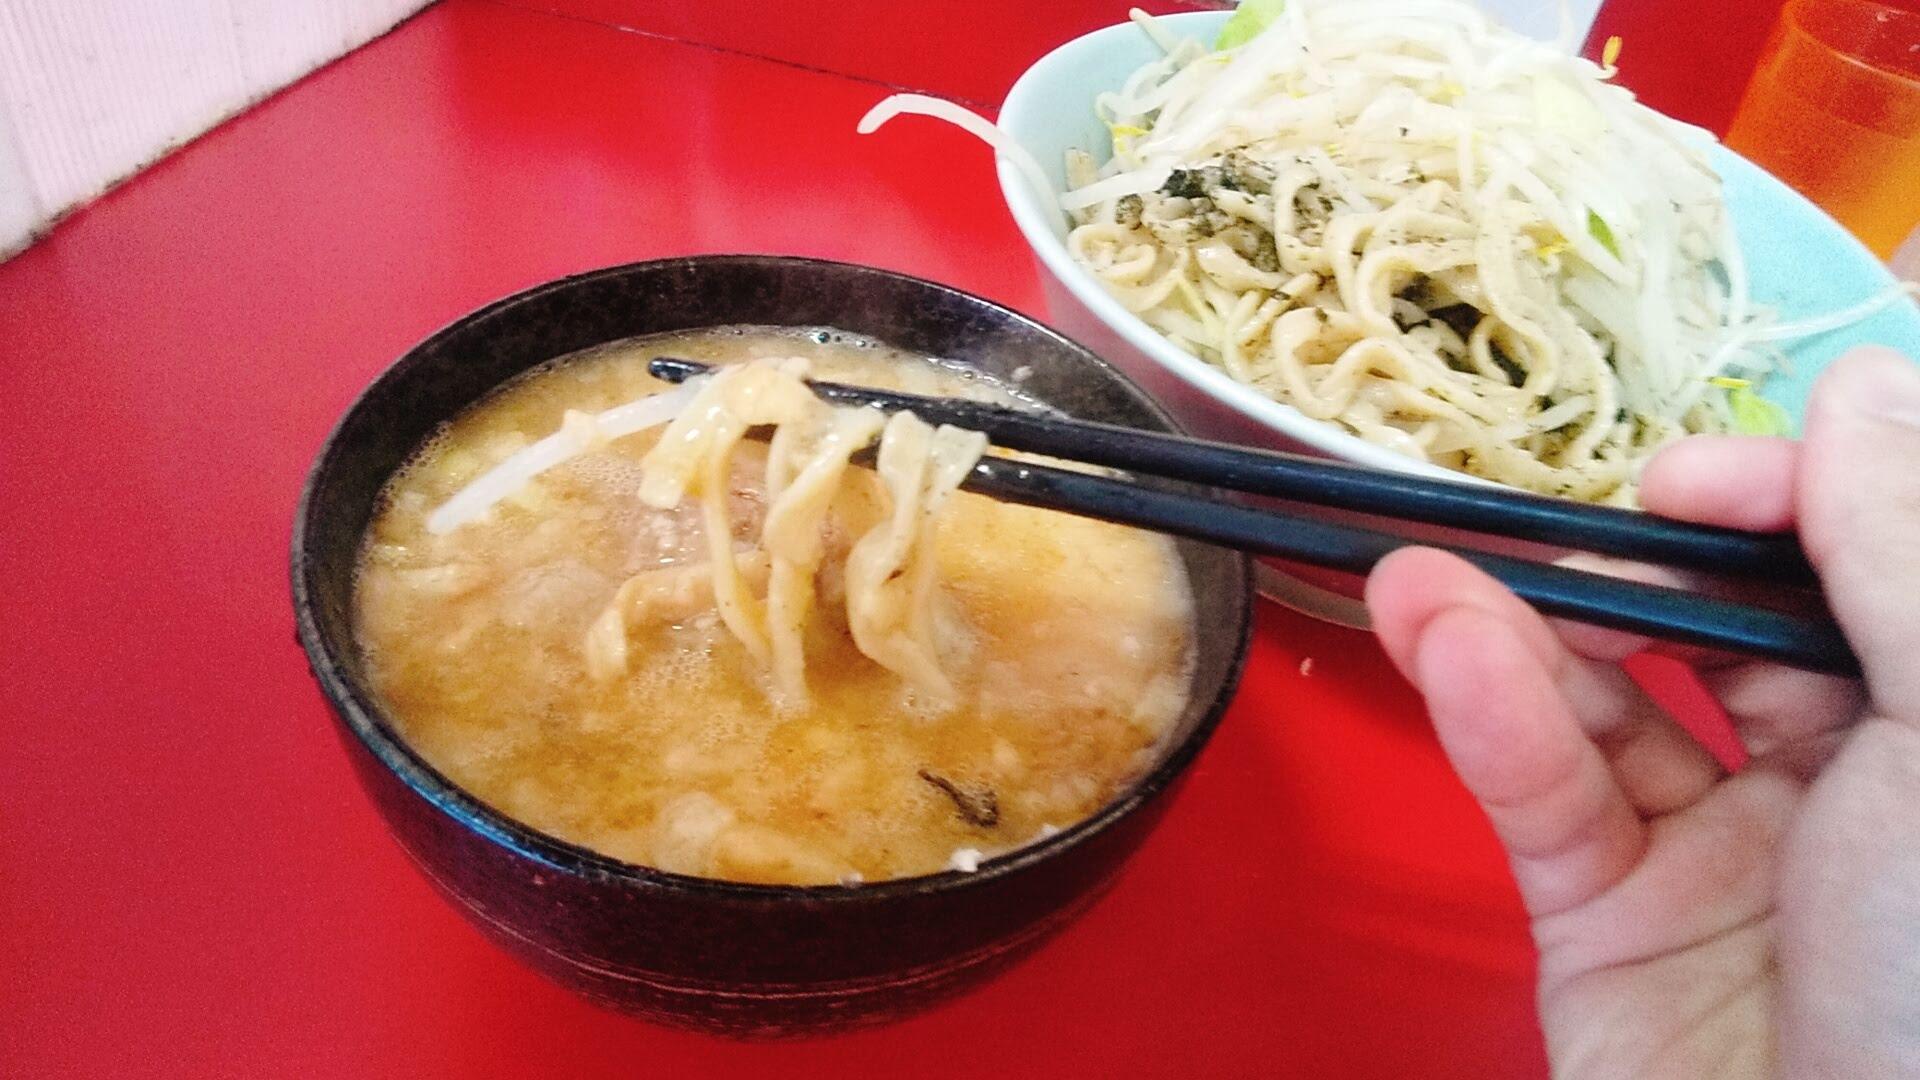 ラーメン二郎新宿歌舞伎町店のつけ麺全マシの麺リフト